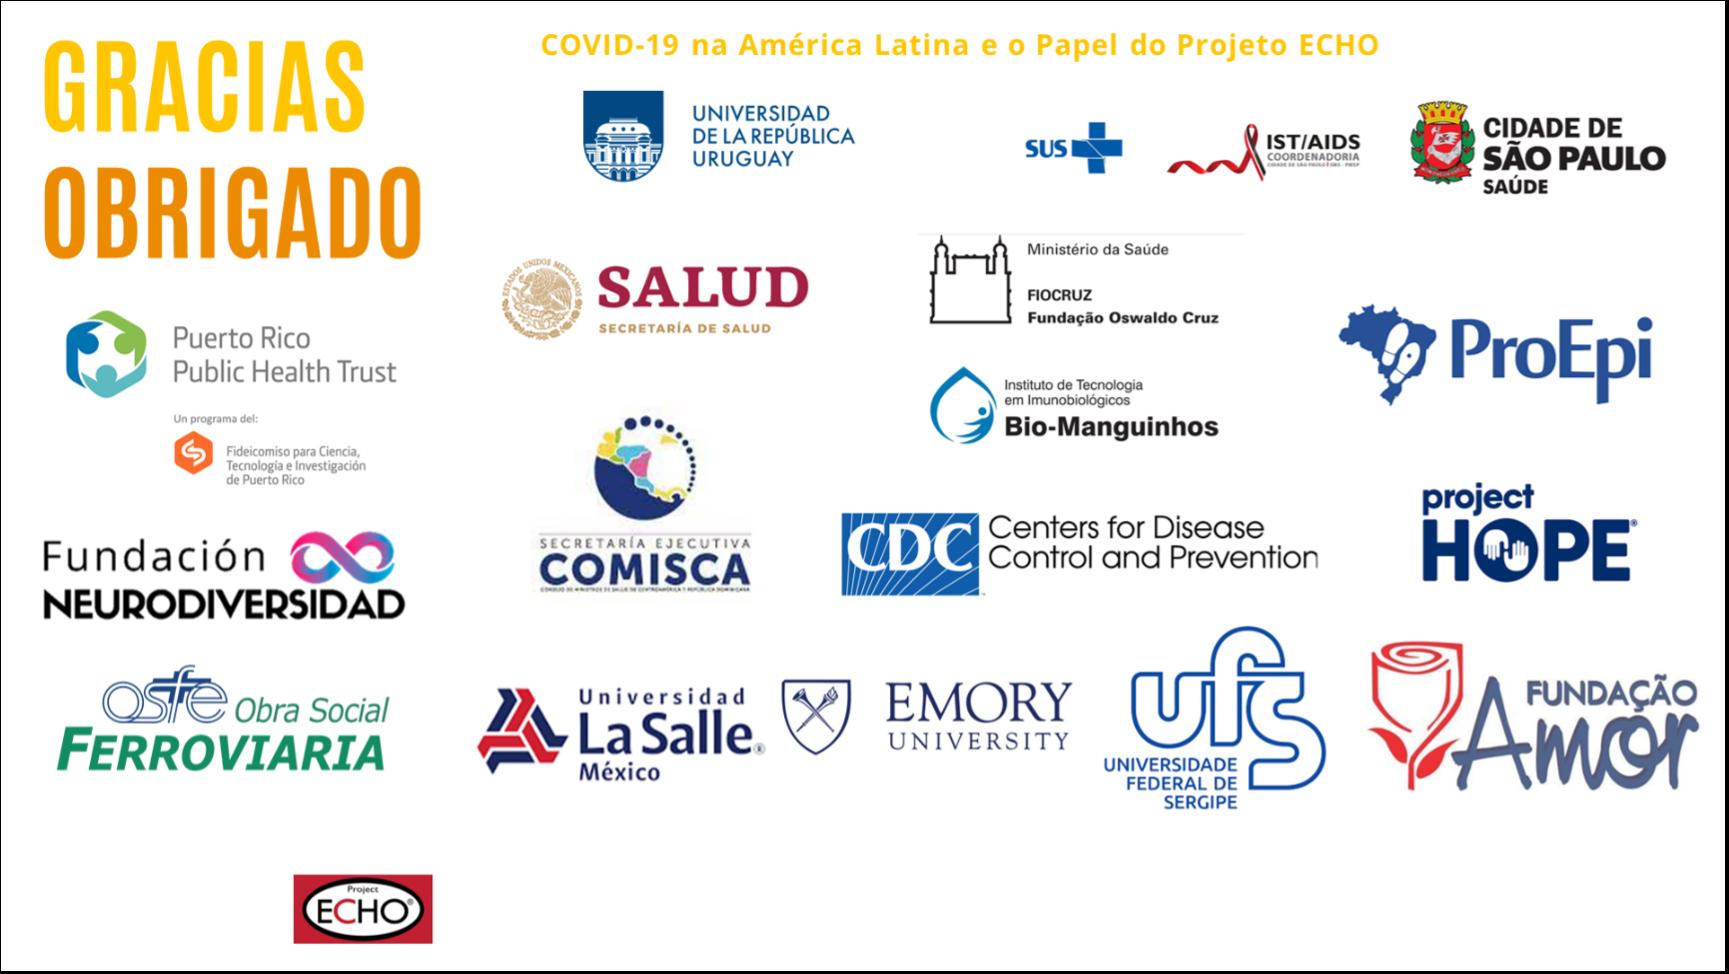 covid-19 na america latina eo papel do projeto echo